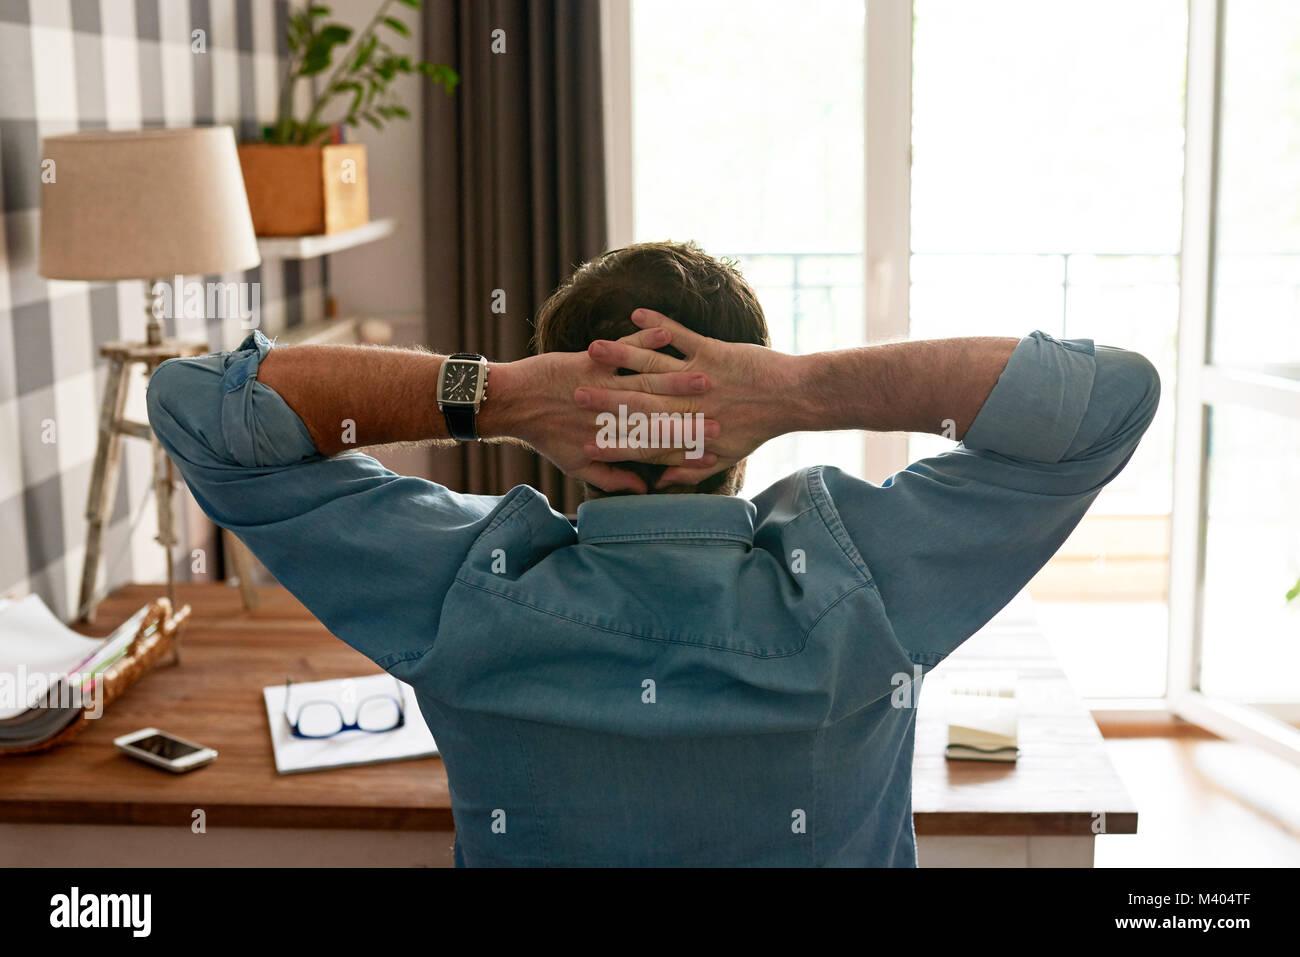 El hombre reclinado hacia atrás en su silla mientras trabaja desde casa Imagen De Stock